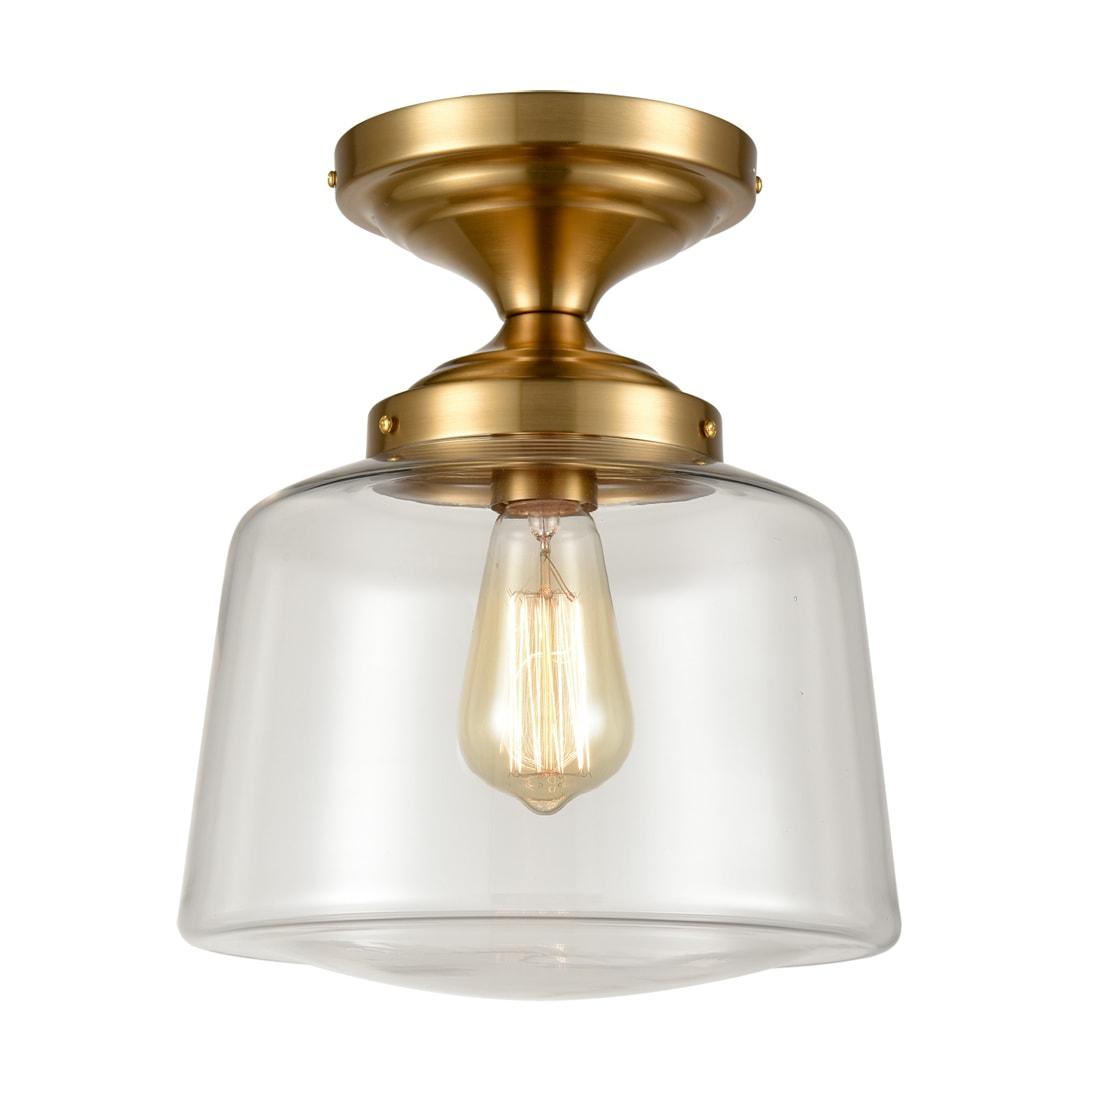 Modern Semi Flush Ceiling Light Brass Fixture with Ultra Clear Glass